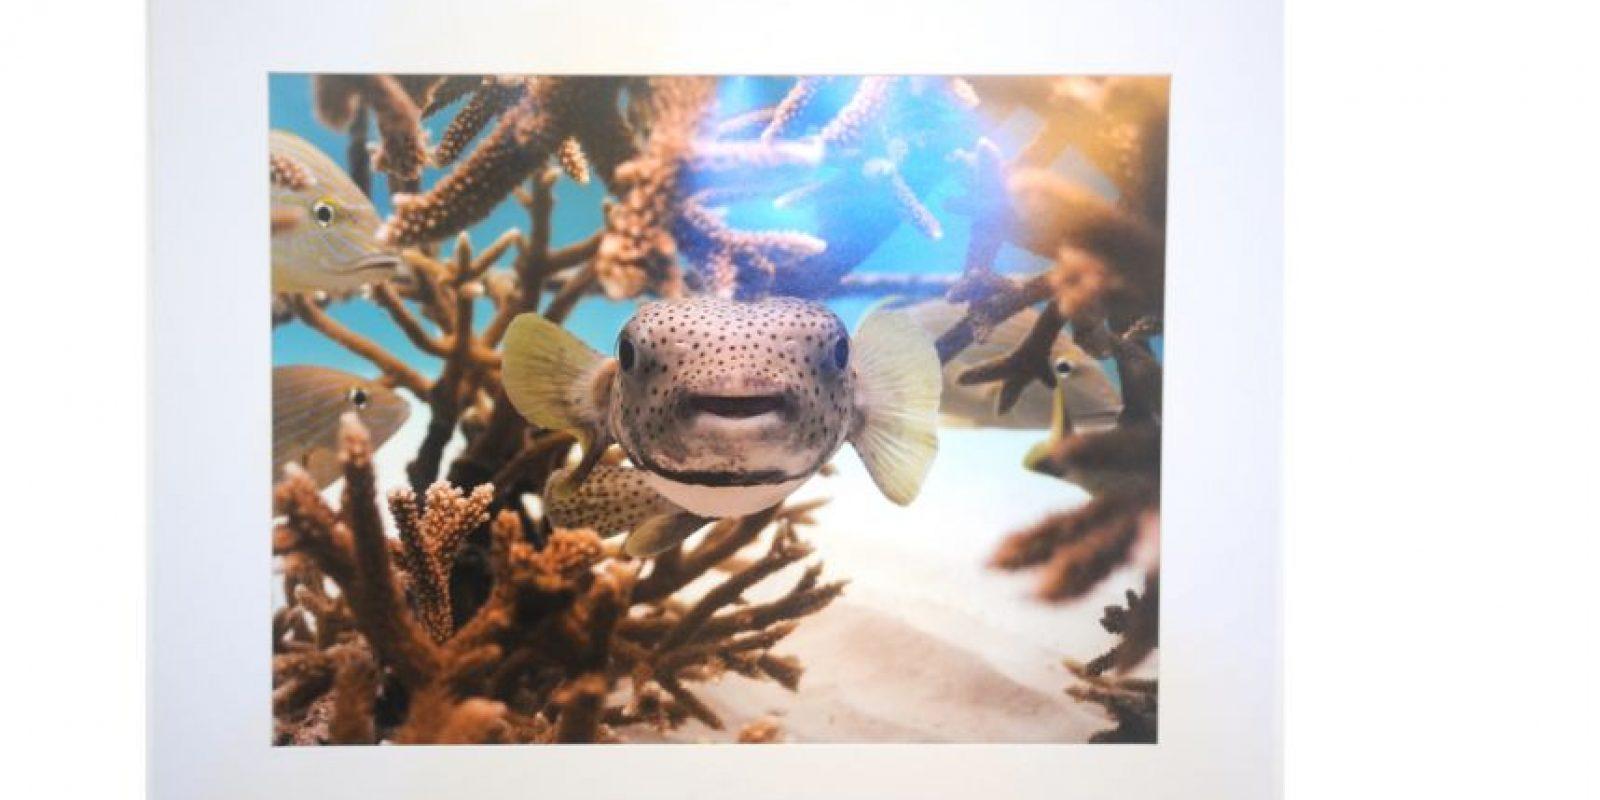 A través de estas fotografías, Guillermo Ricart muestra la riqueza y la amenaza de nuestros océanos. Foto:Fuente Externa